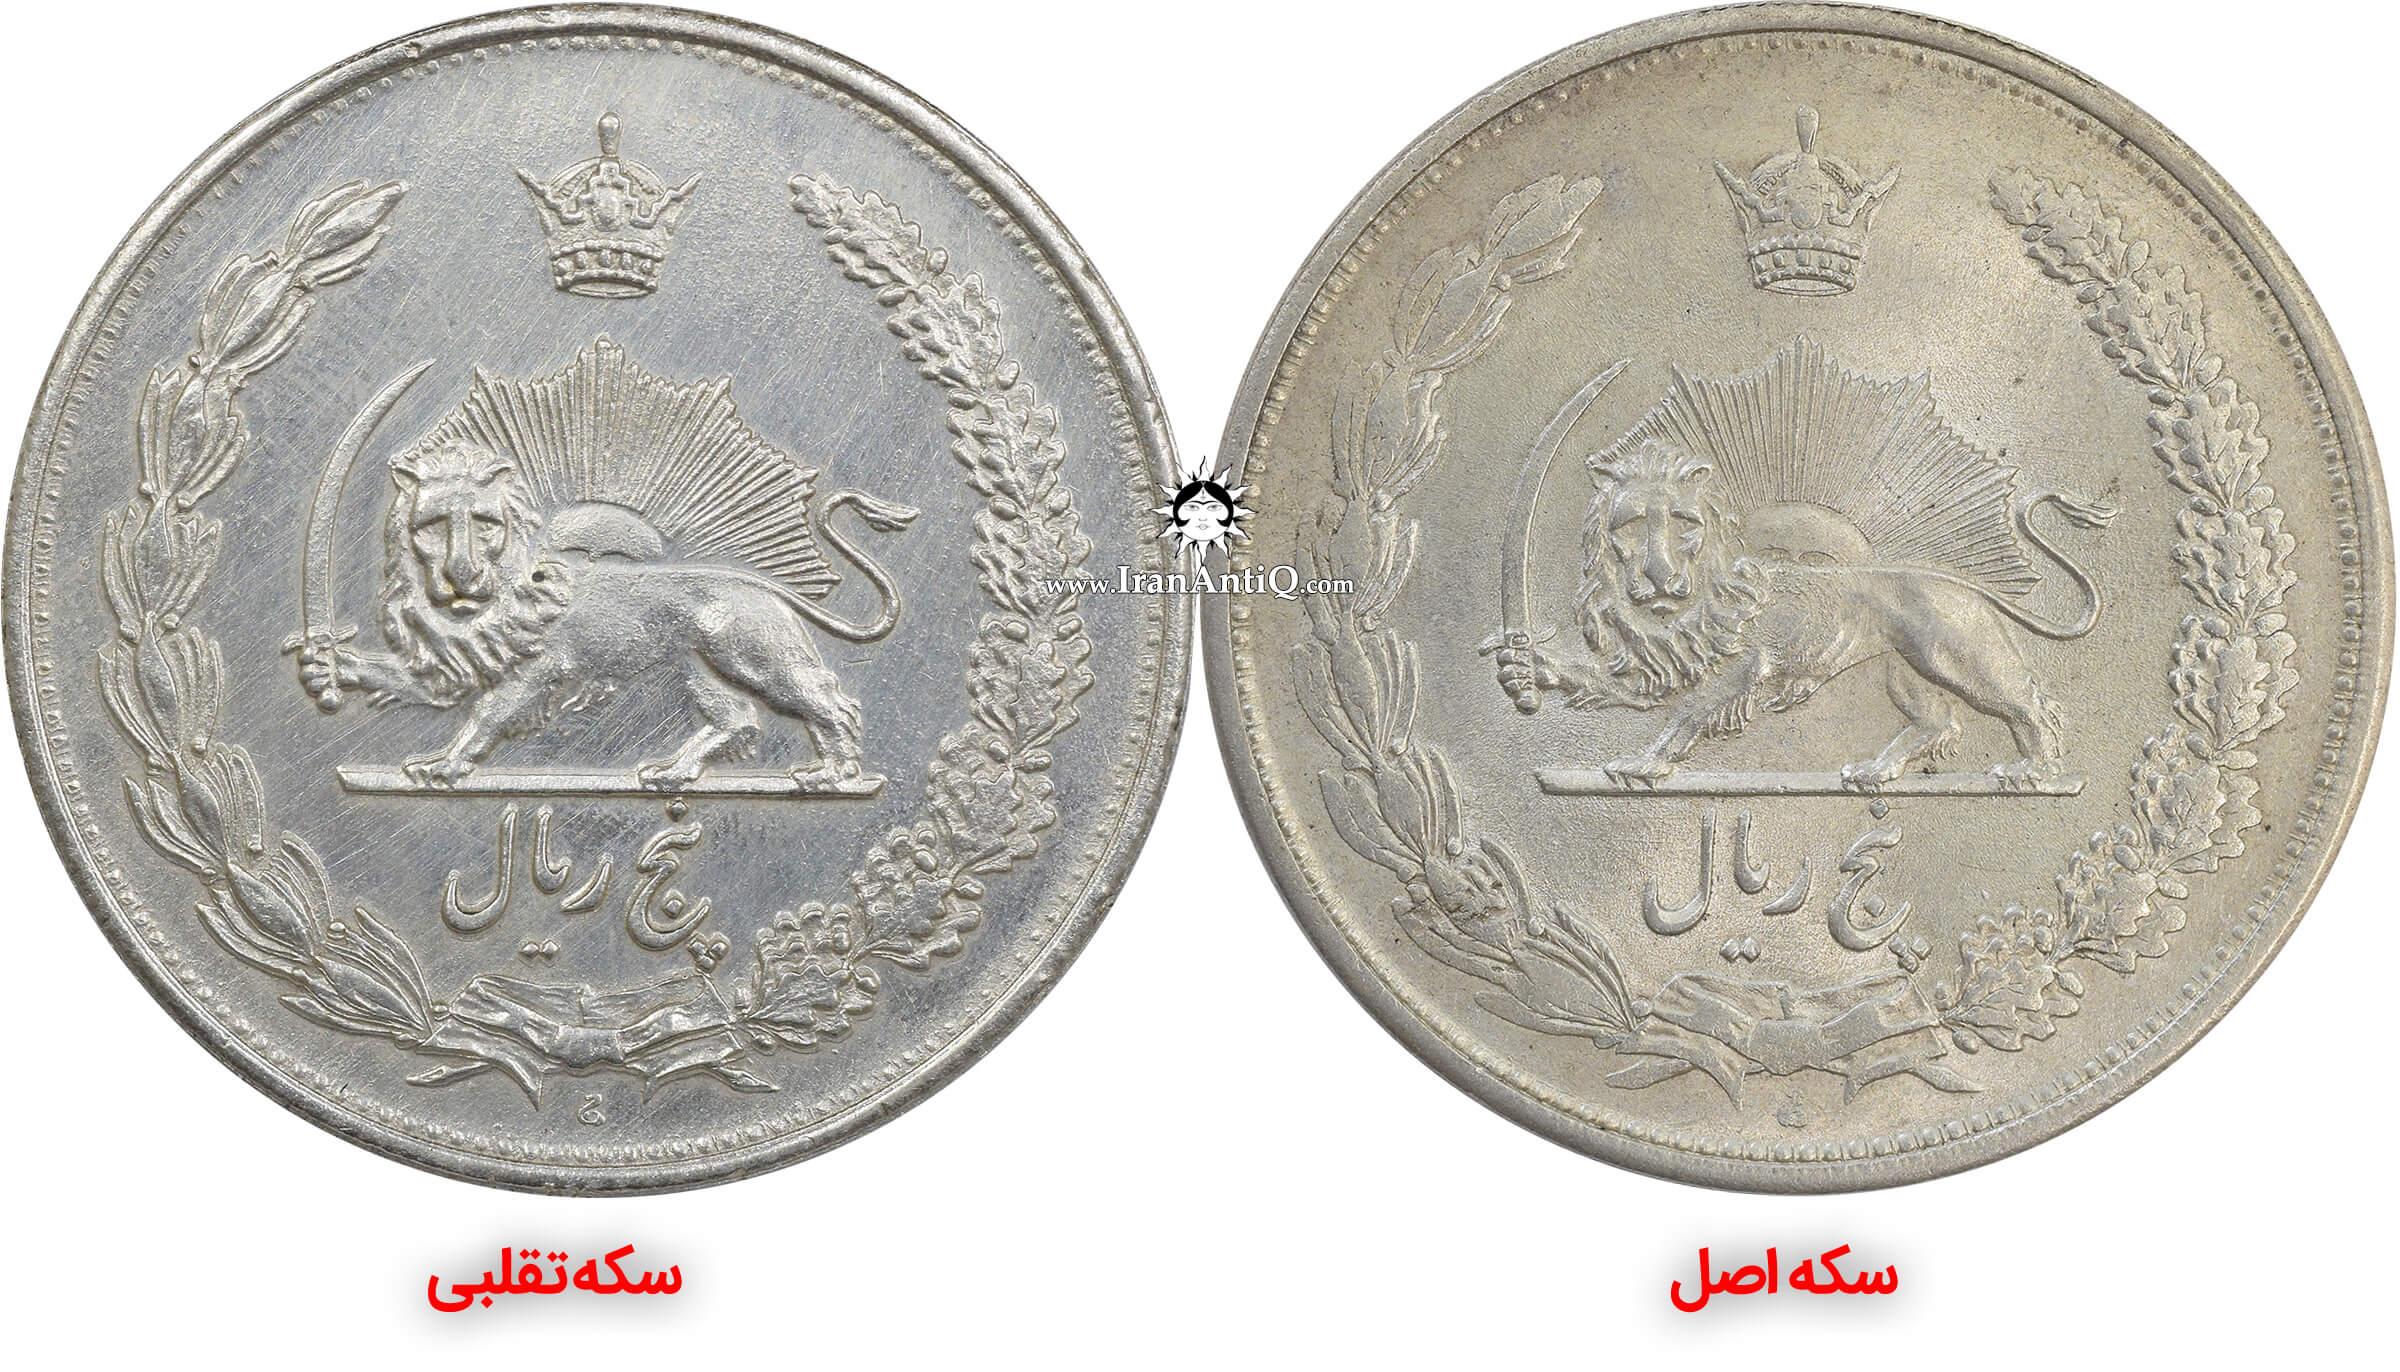 مقایسه و تشخیص سکه اصل با تقلبی - پشت